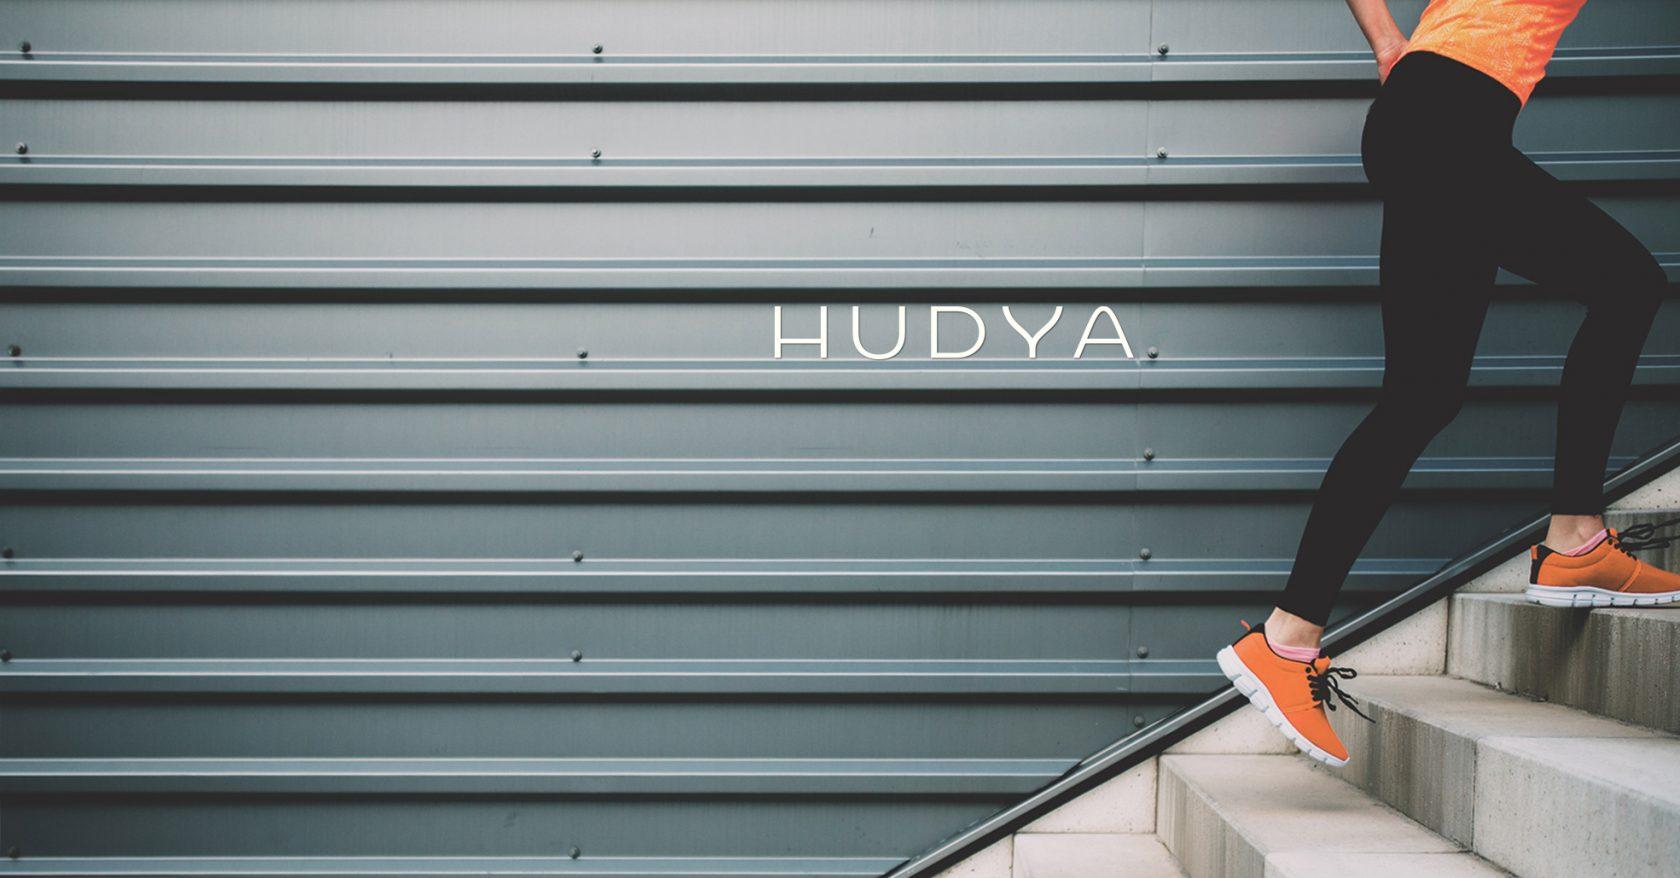 Hudya